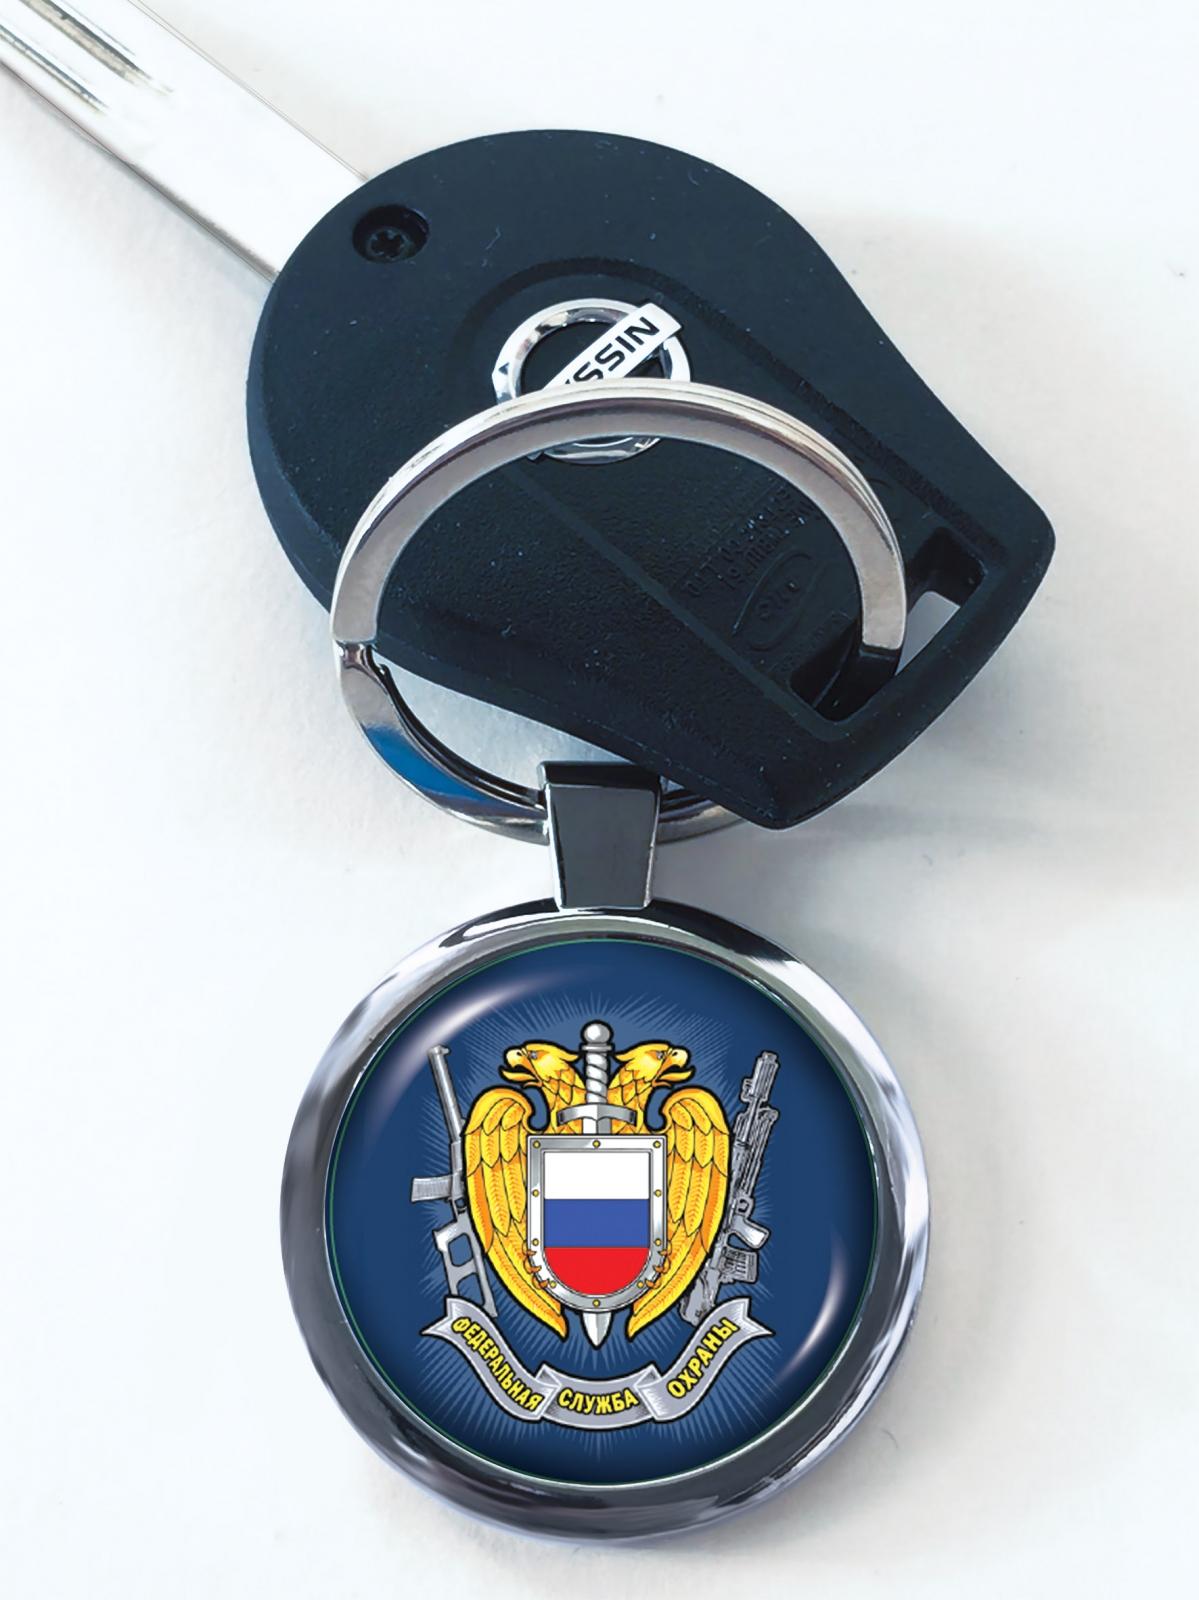 Автомобильный сувенир - брелок ФСО